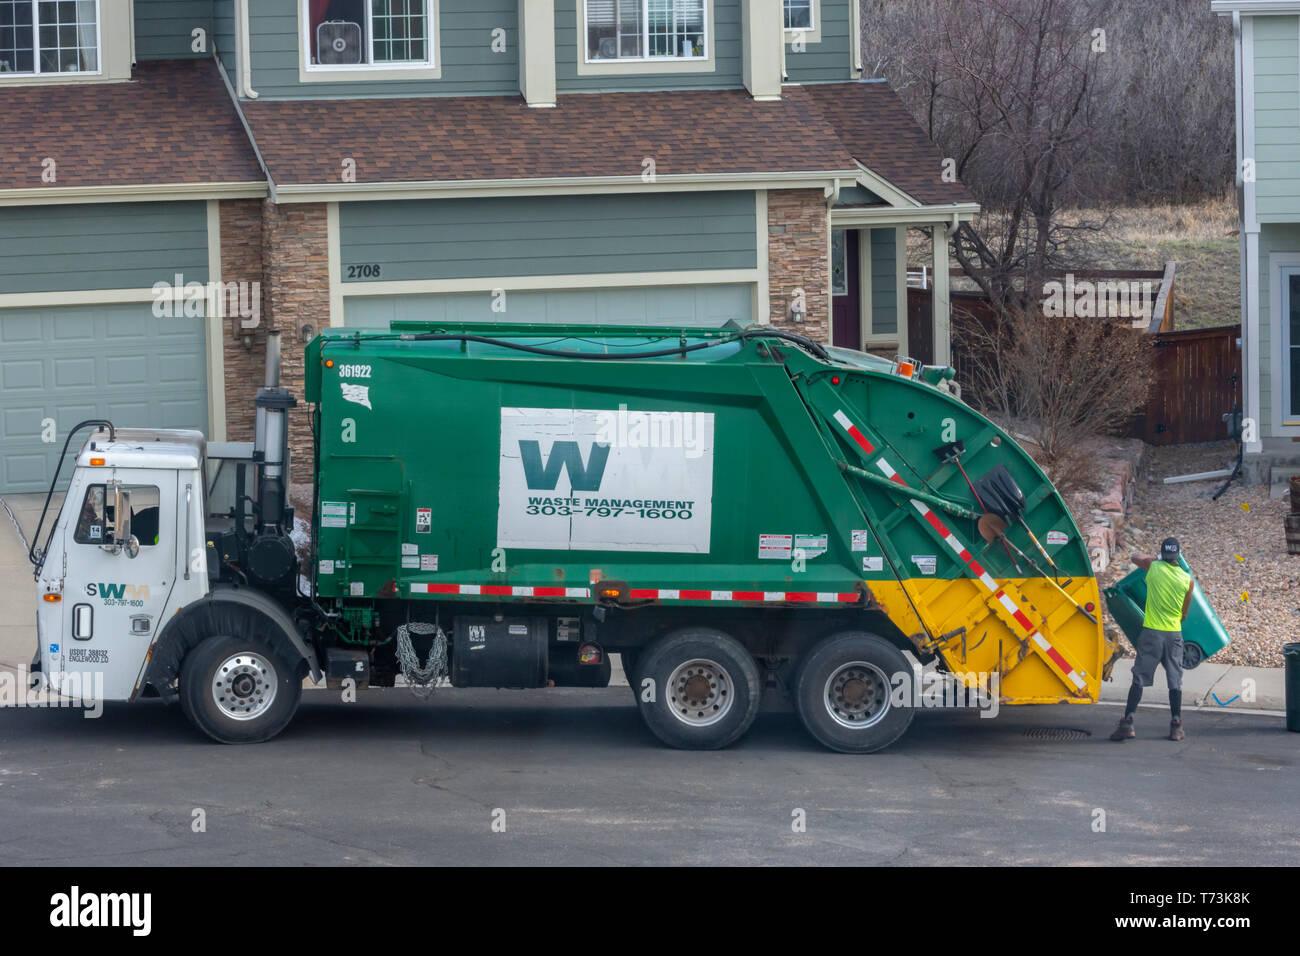 Un travailleur de la gestion des déchets se vide les poubelles en plastique vert dans un quartier résidentiel, Castle Rock Colorado nous. Photo prise en avril. Photo Stock